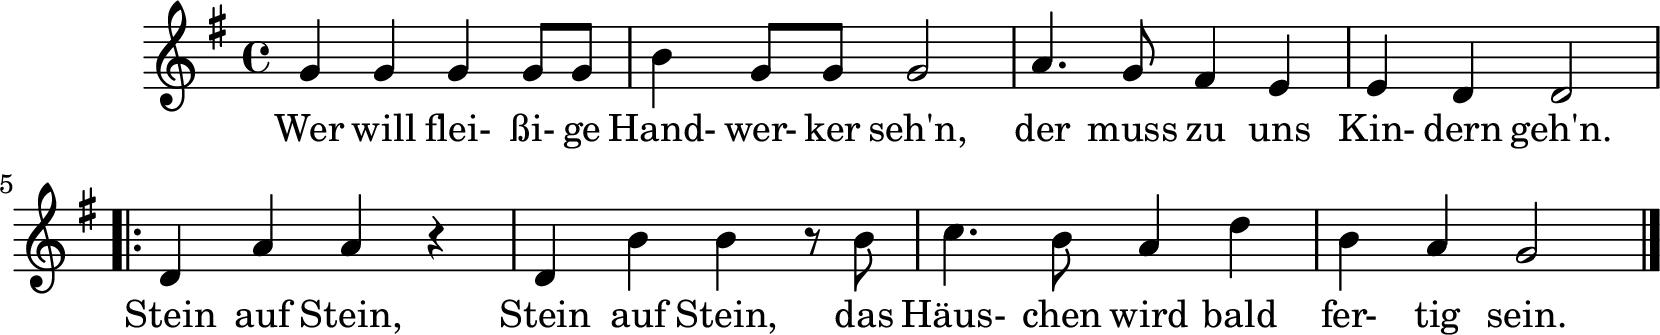 Notenblatt Music Sheet Wer will fleißige Handwerker sehn